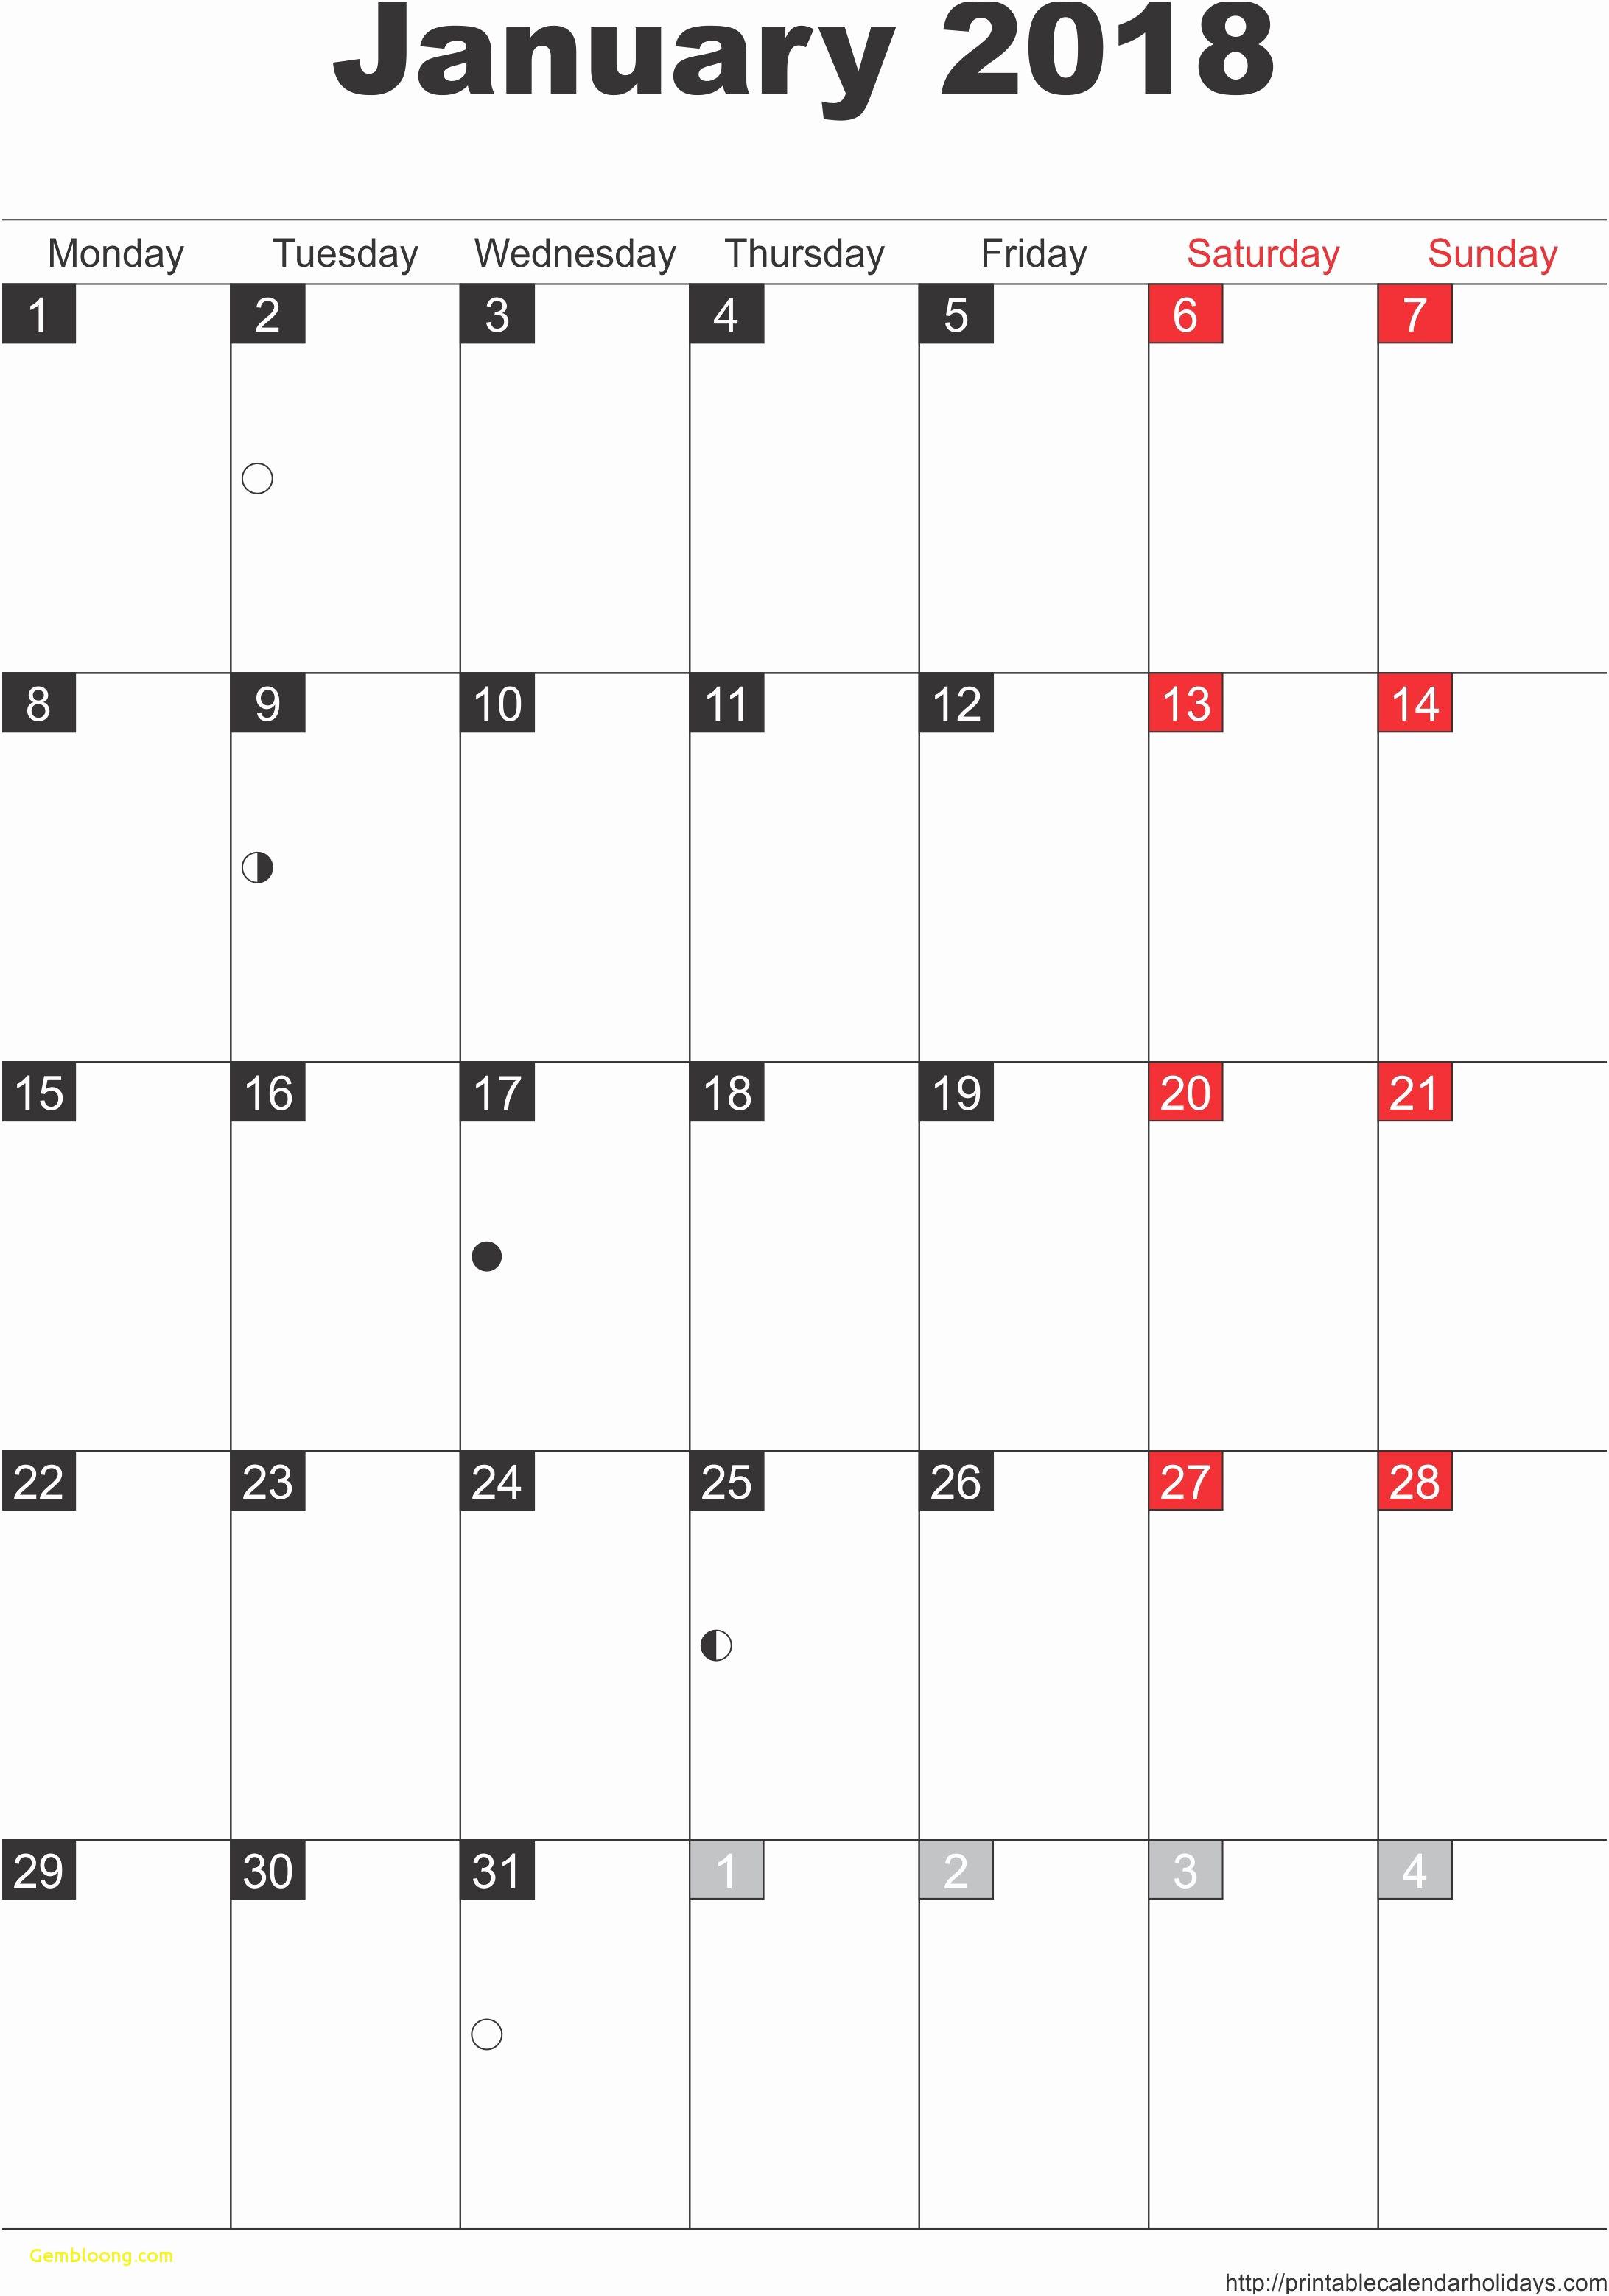 2019 attendance Calendar Free New Free Printable Employee attendance Calendar 2019